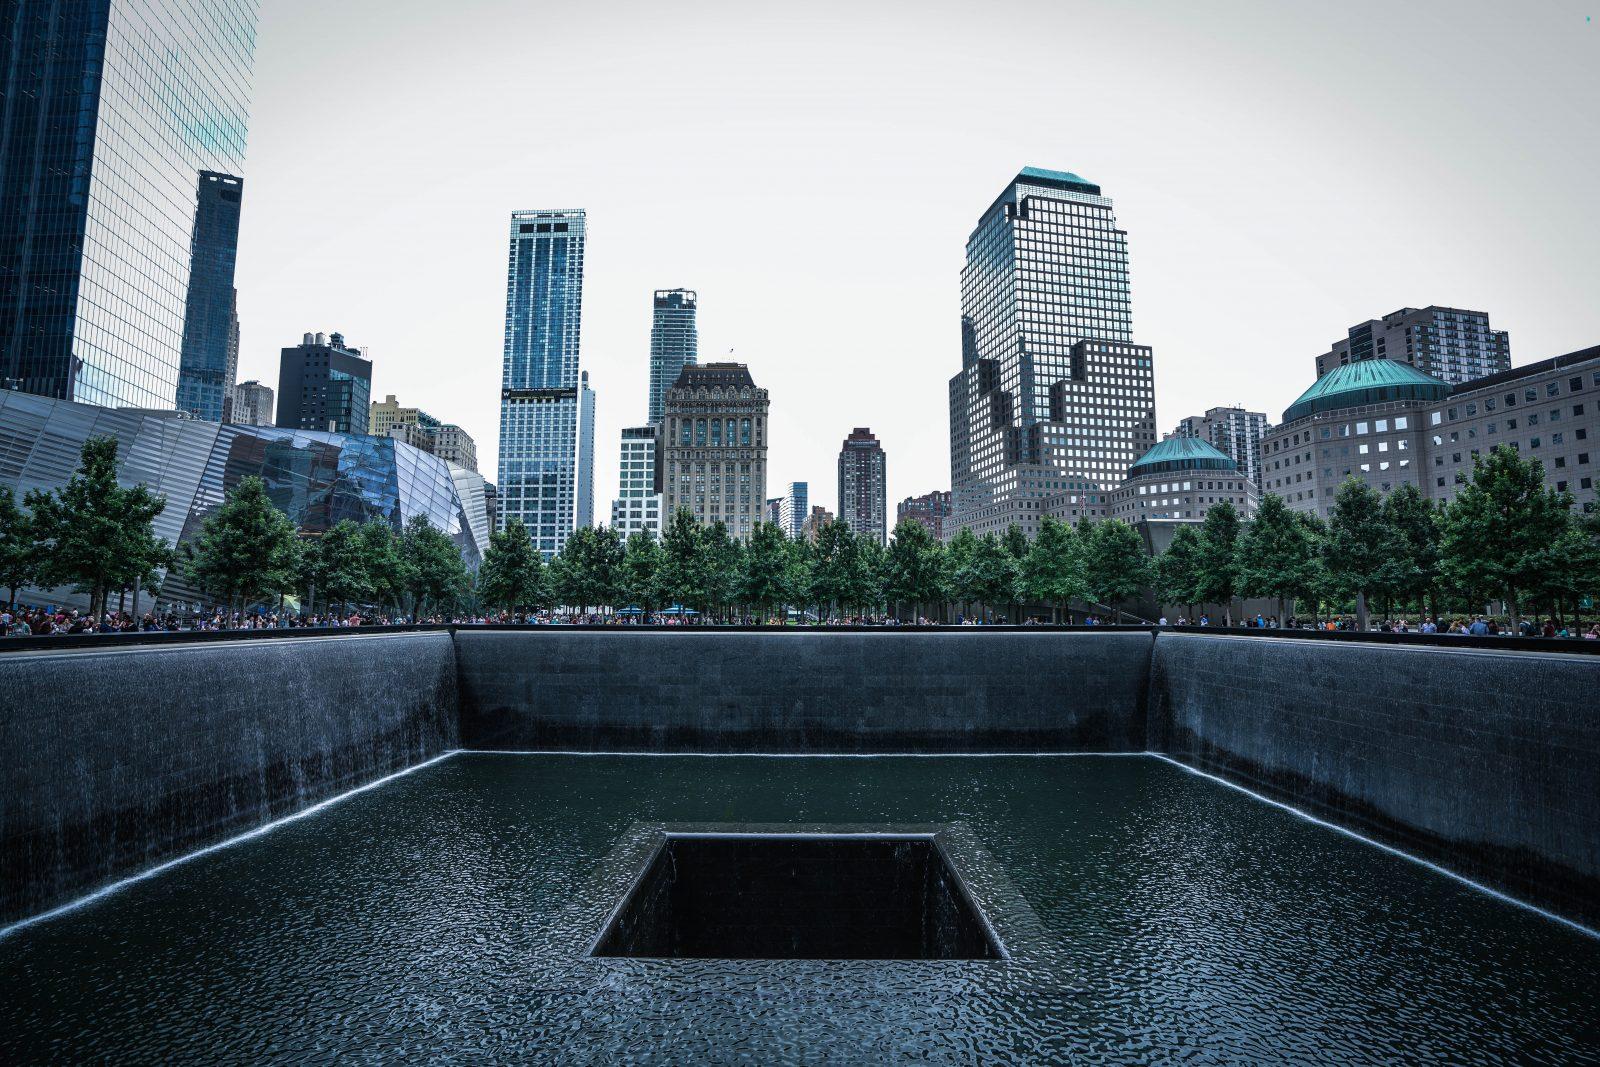 fq9n8ewa5ga - 9/11 Memorial and Museum